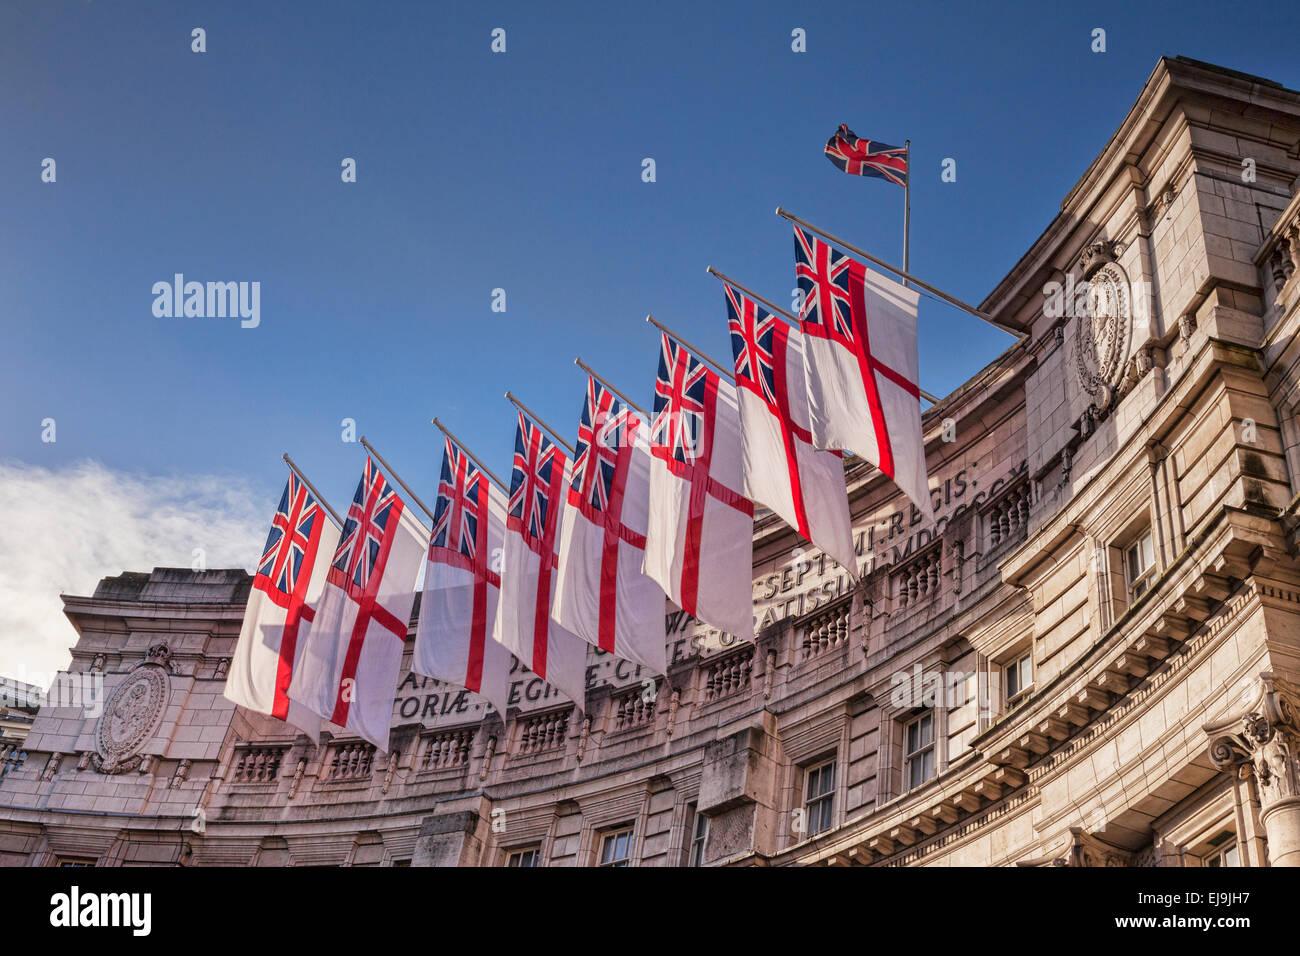 Admiralty Arch fliegen weiße Flaggen, die Flagge der Royal Navy. Stockbild